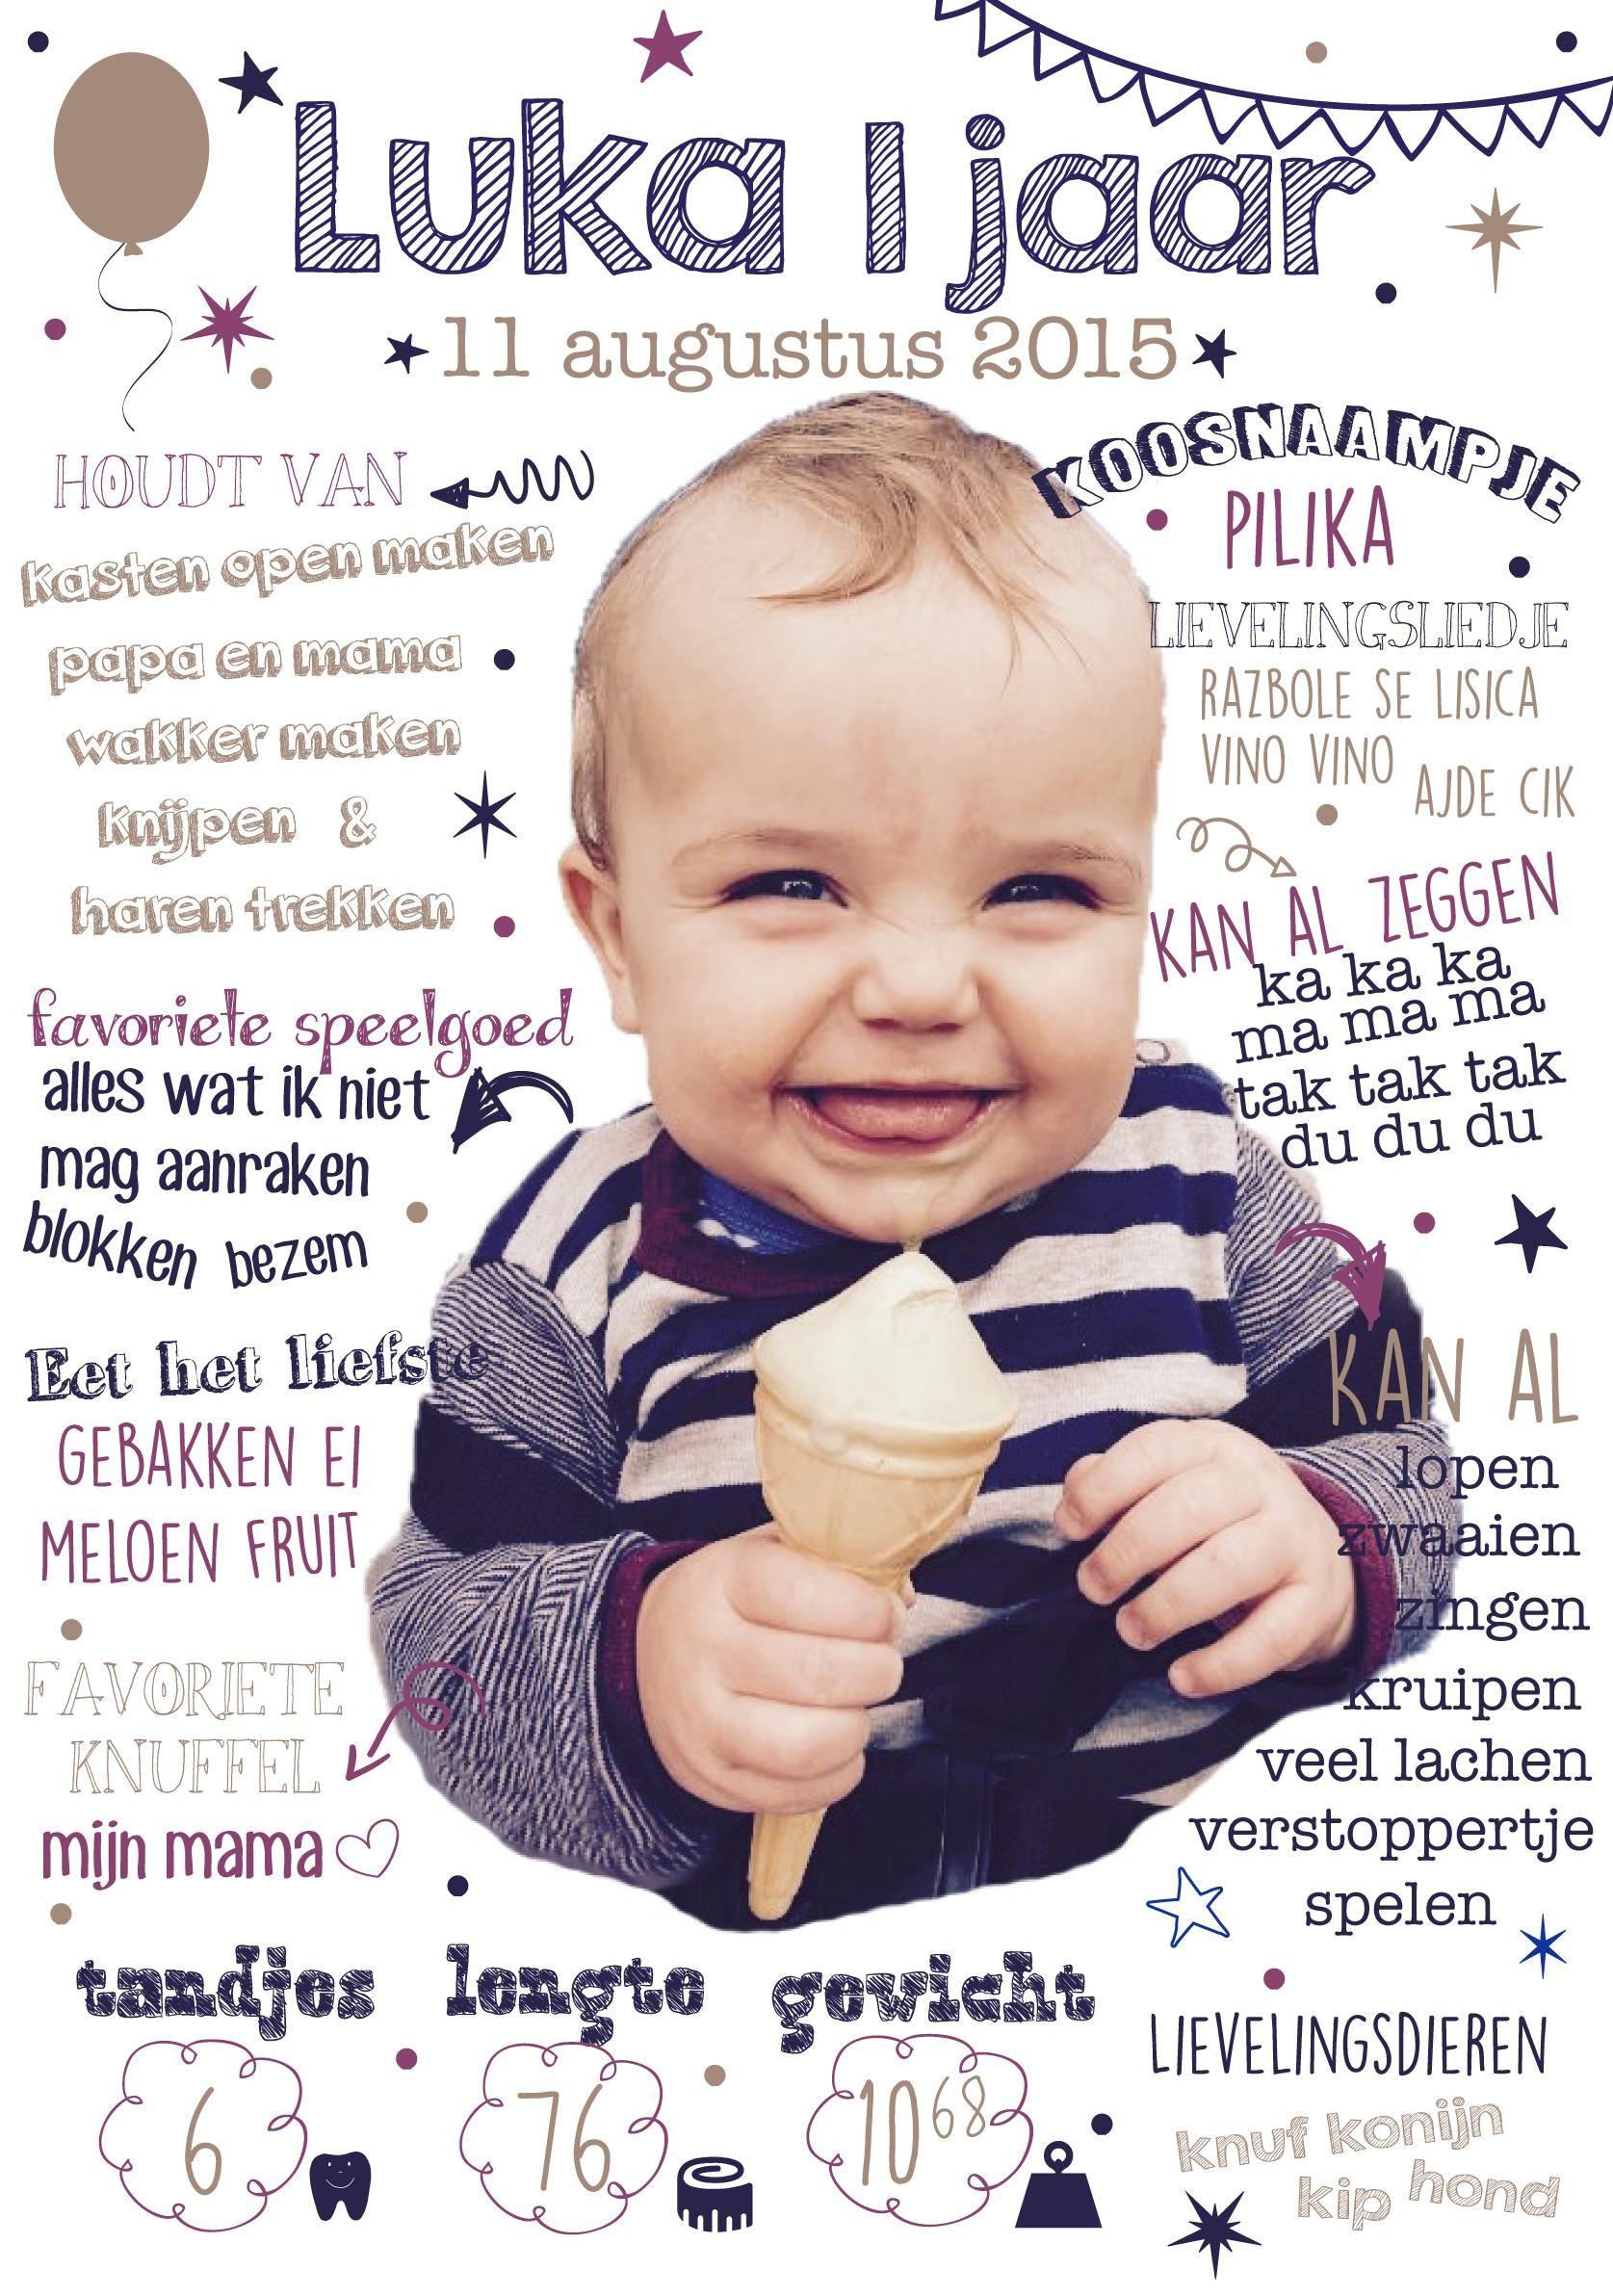 baby hazel is jarig uitnodiging eerste verjaardag origineel foto aandenken cadeau  baby hazel is jarig